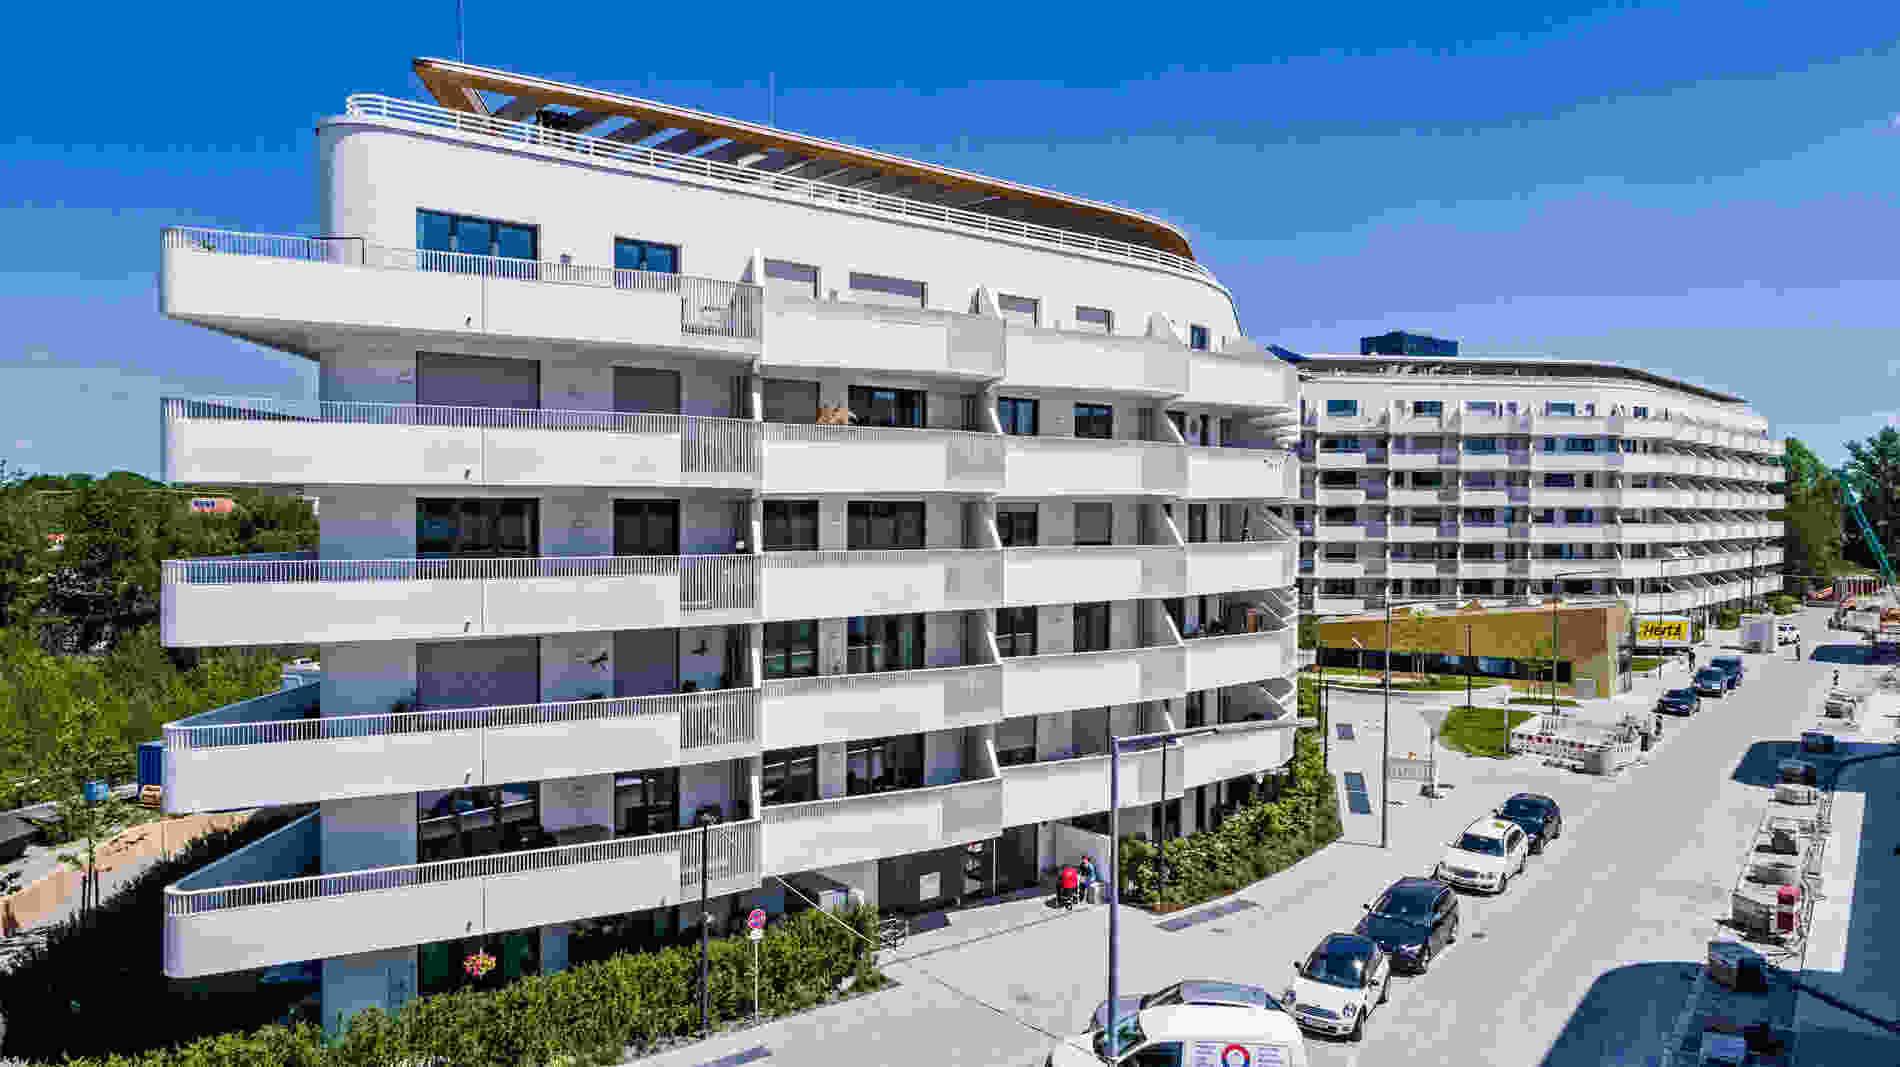 265 Baumkirchen Mitte Rainer Viertelboeck 002 exterior view balconies